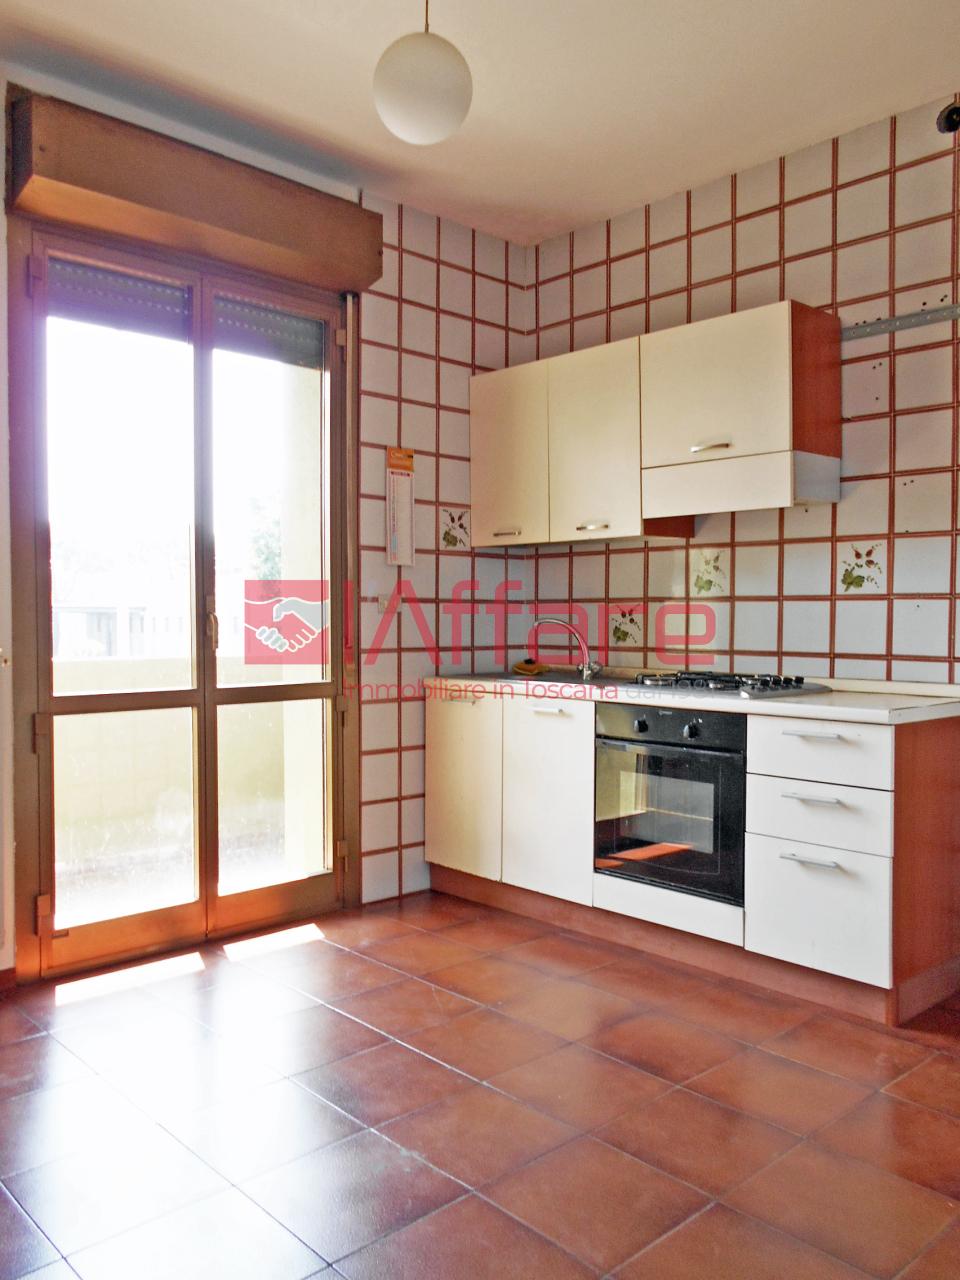 Appartamento in vendita a Montecatini-Terme, 3 locali, prezzo € 80.000   CambioCasa.it